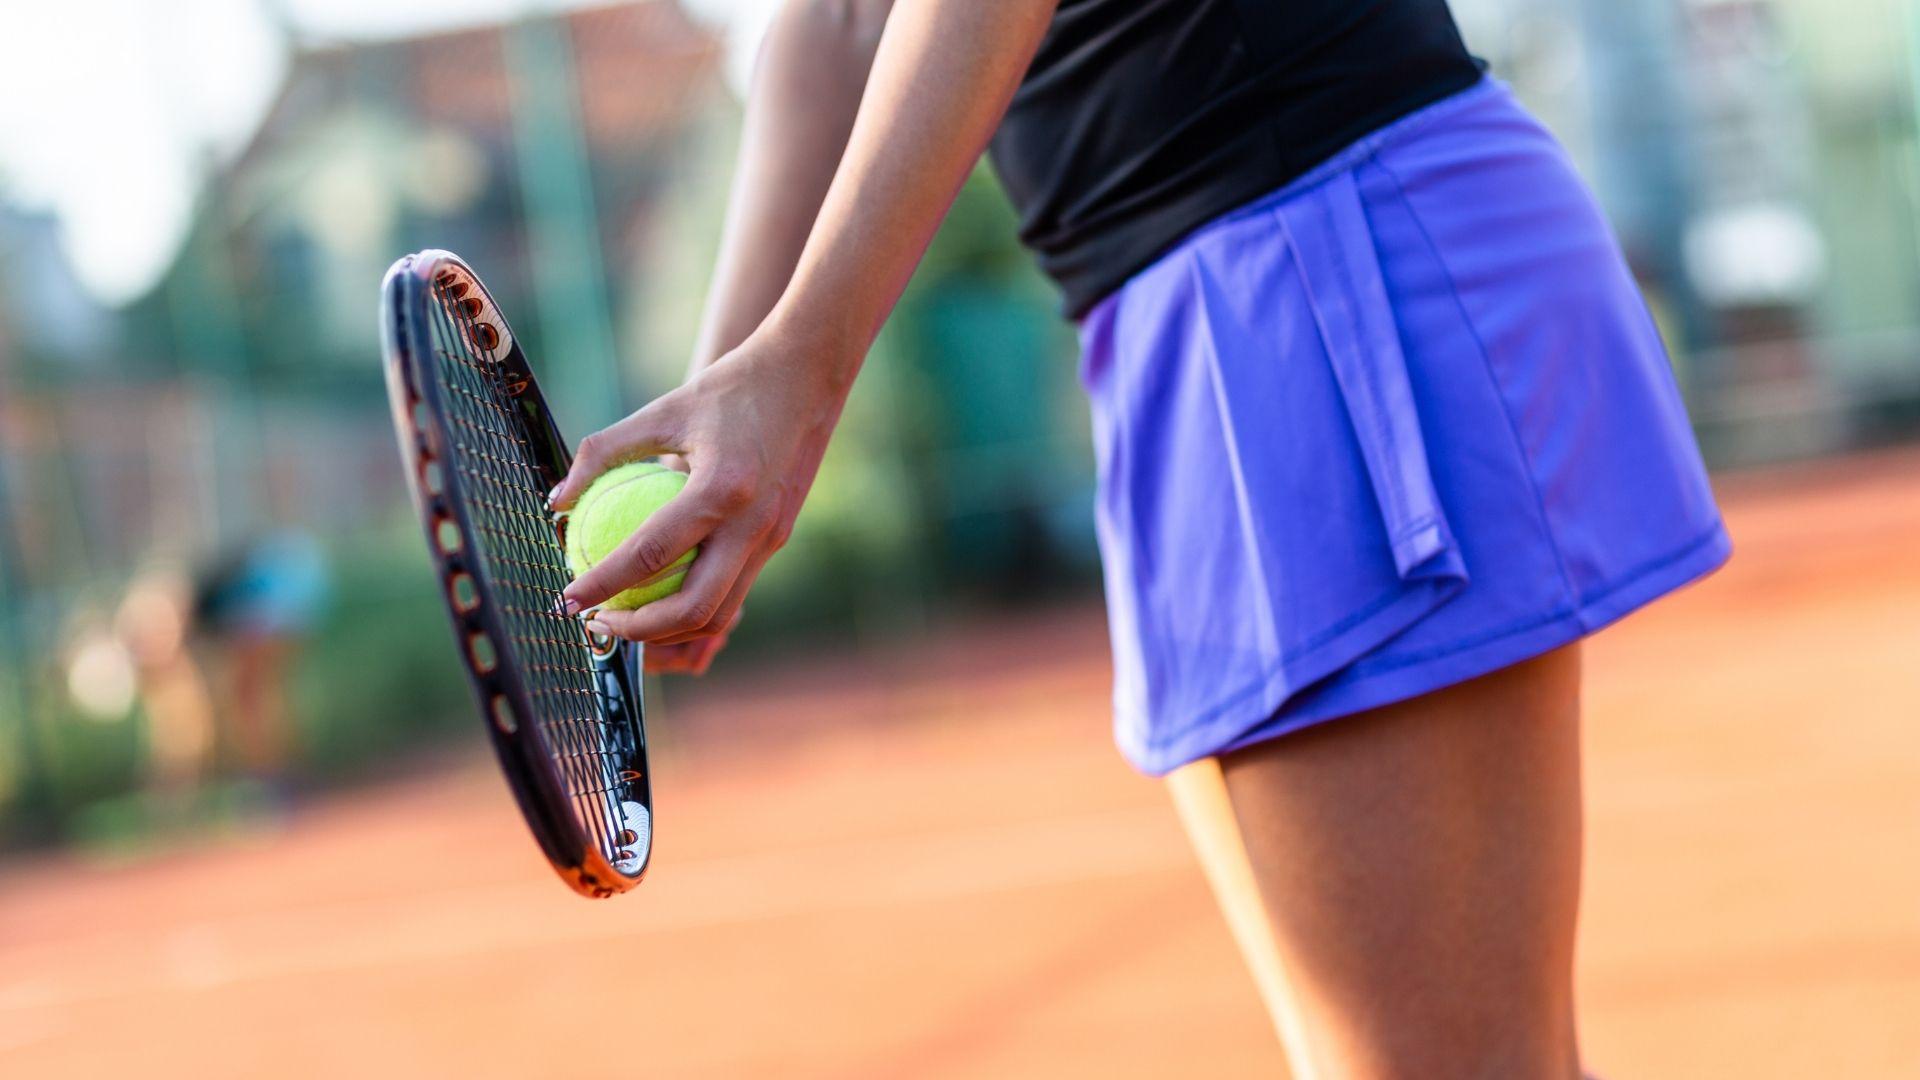 http://tennisclubvomero.it/Scuola%20Riservata%20Tennis